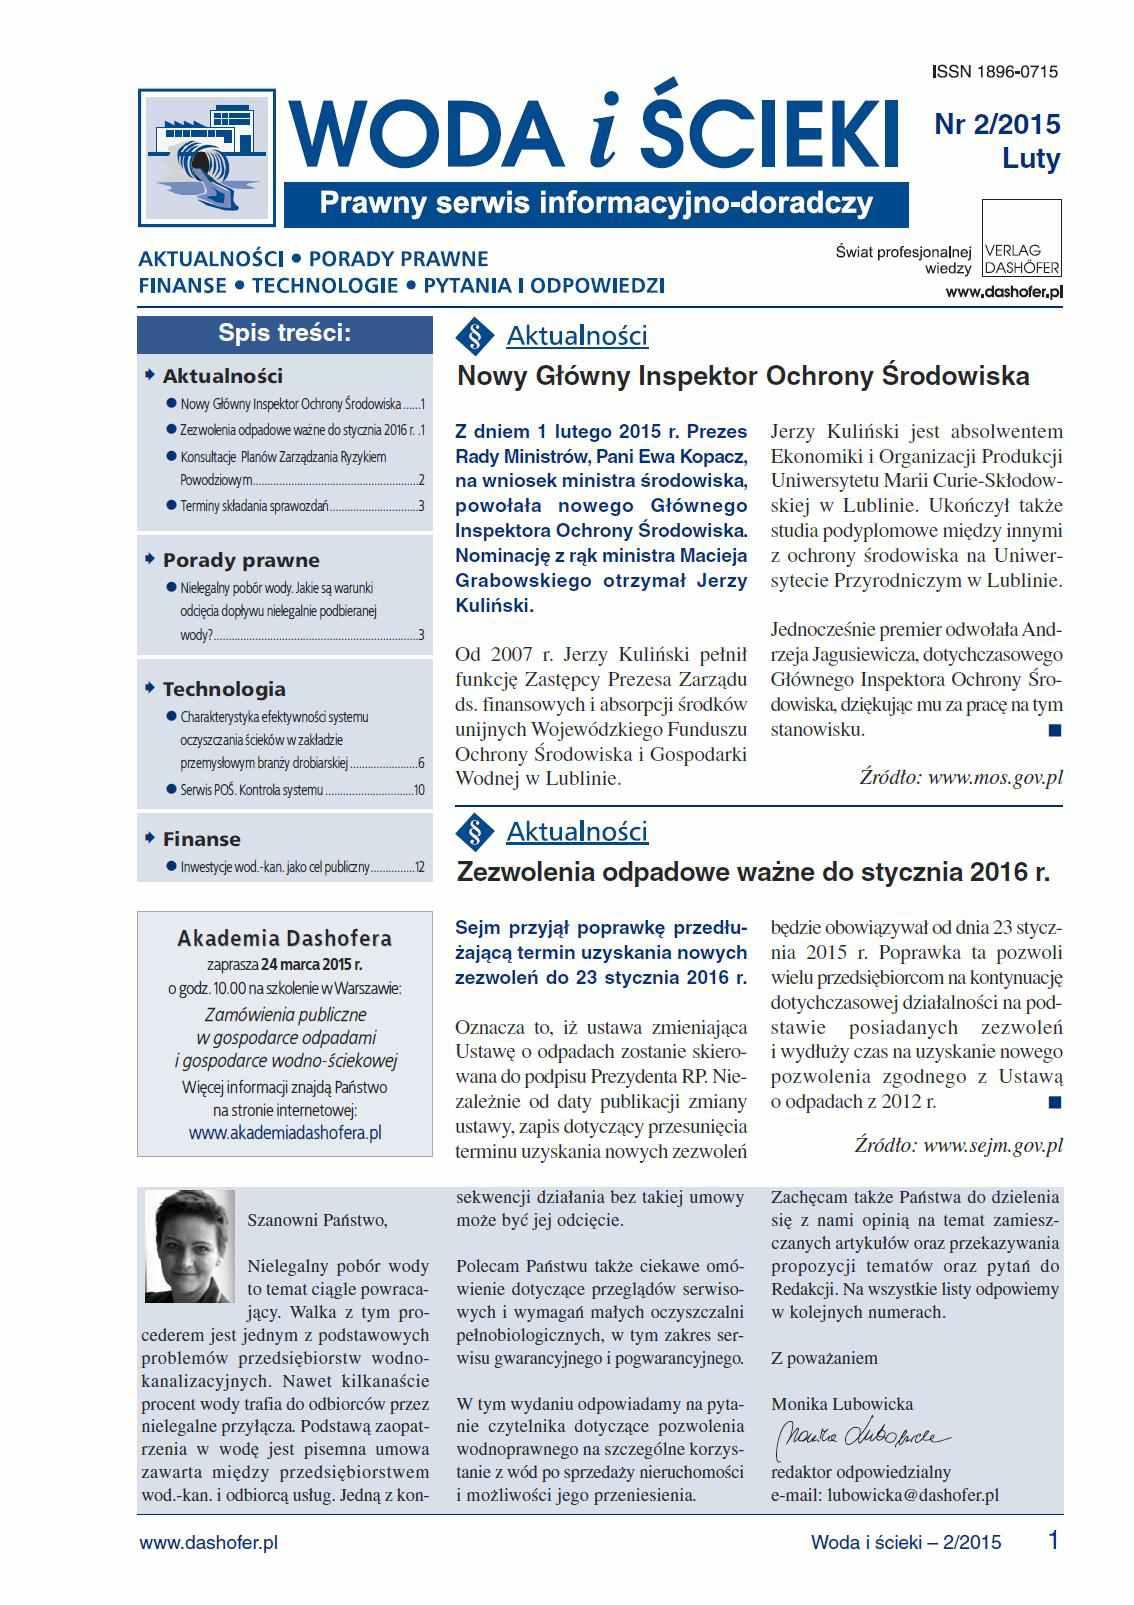 Woda i ścieki. Prawny serwis informacyjno-doradczy. Nr 2/2015 - Ebook (Książka PDF) do pobrania w formacie PDF